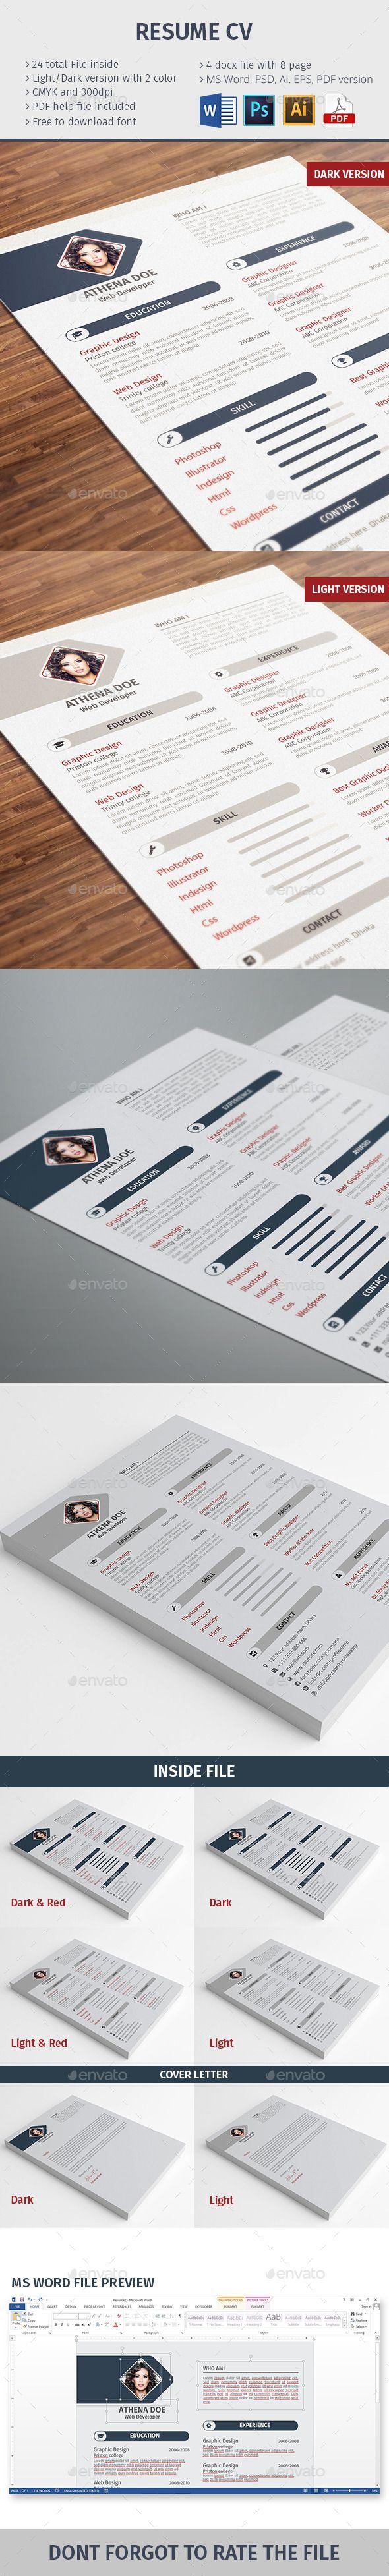 Resume CV | Pinterest | Modelo cv y Modelo